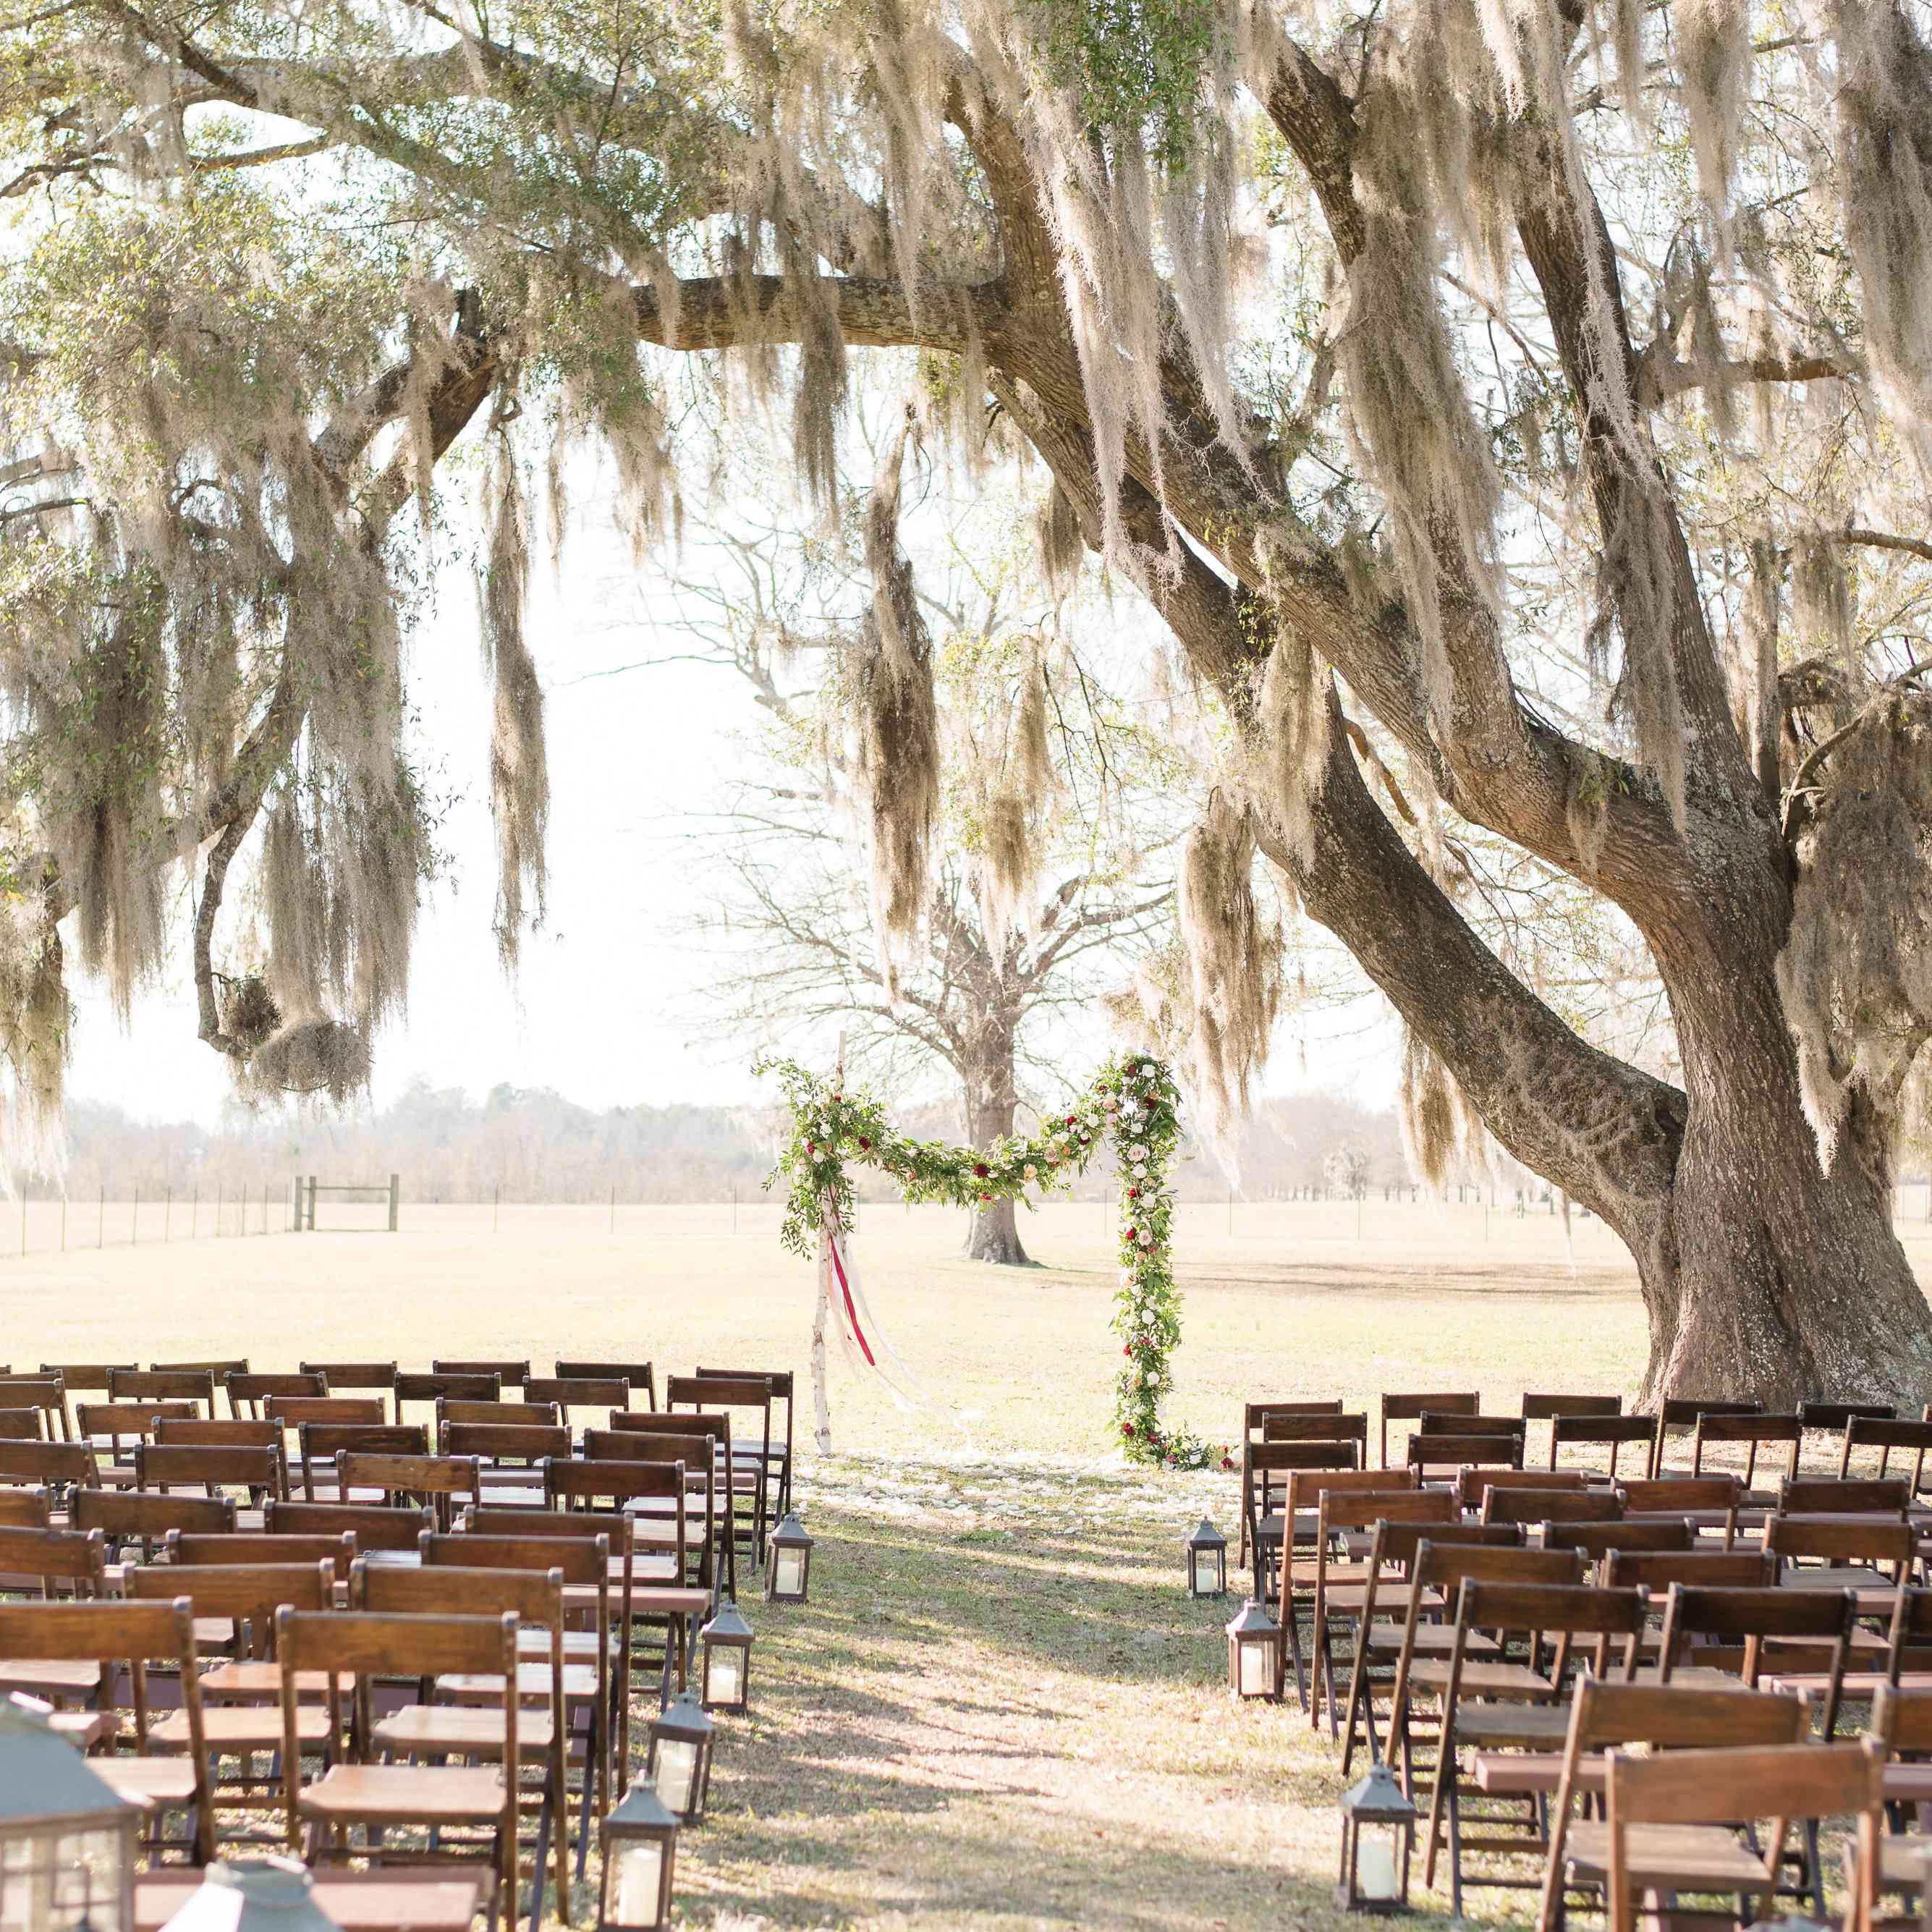 Lantern-lined ceremony aisle under large tree